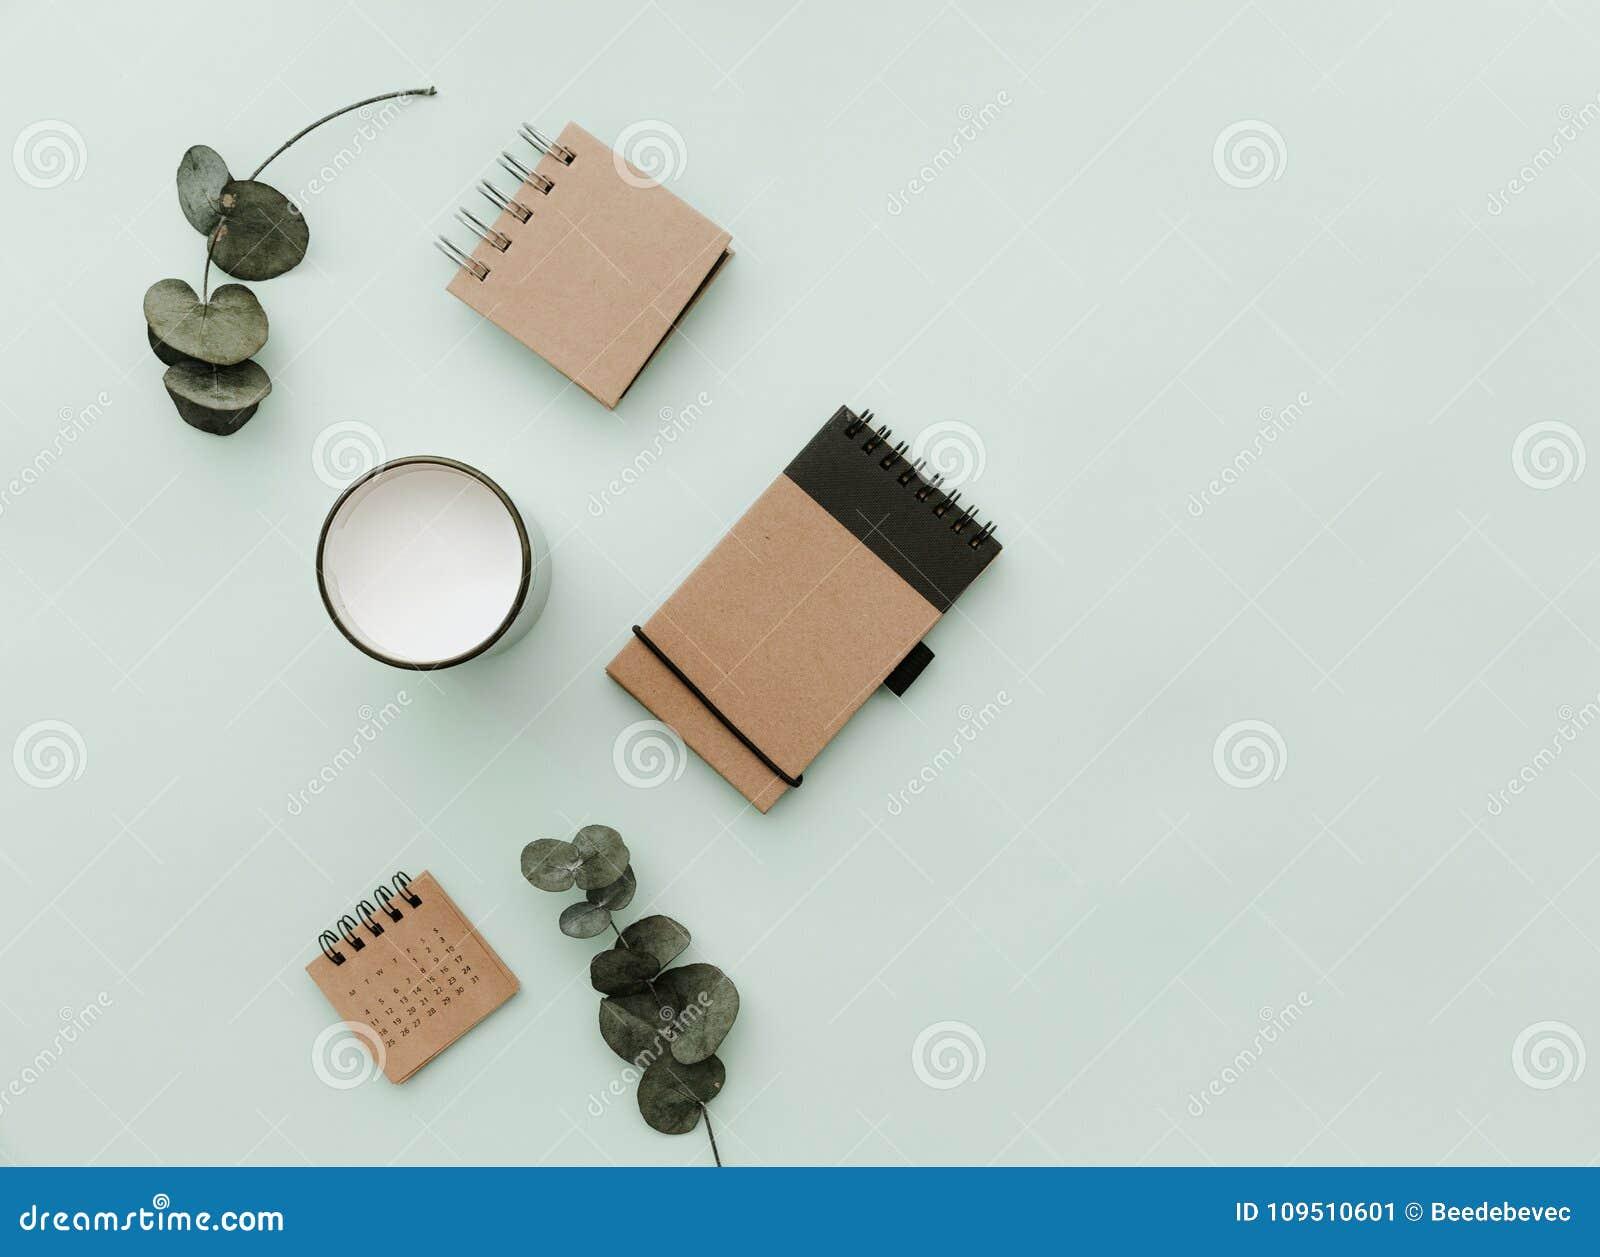 Минималистский образ жизни для вебсайта, маркетинга, социальные средства массовой информации с eco производит тетрадь